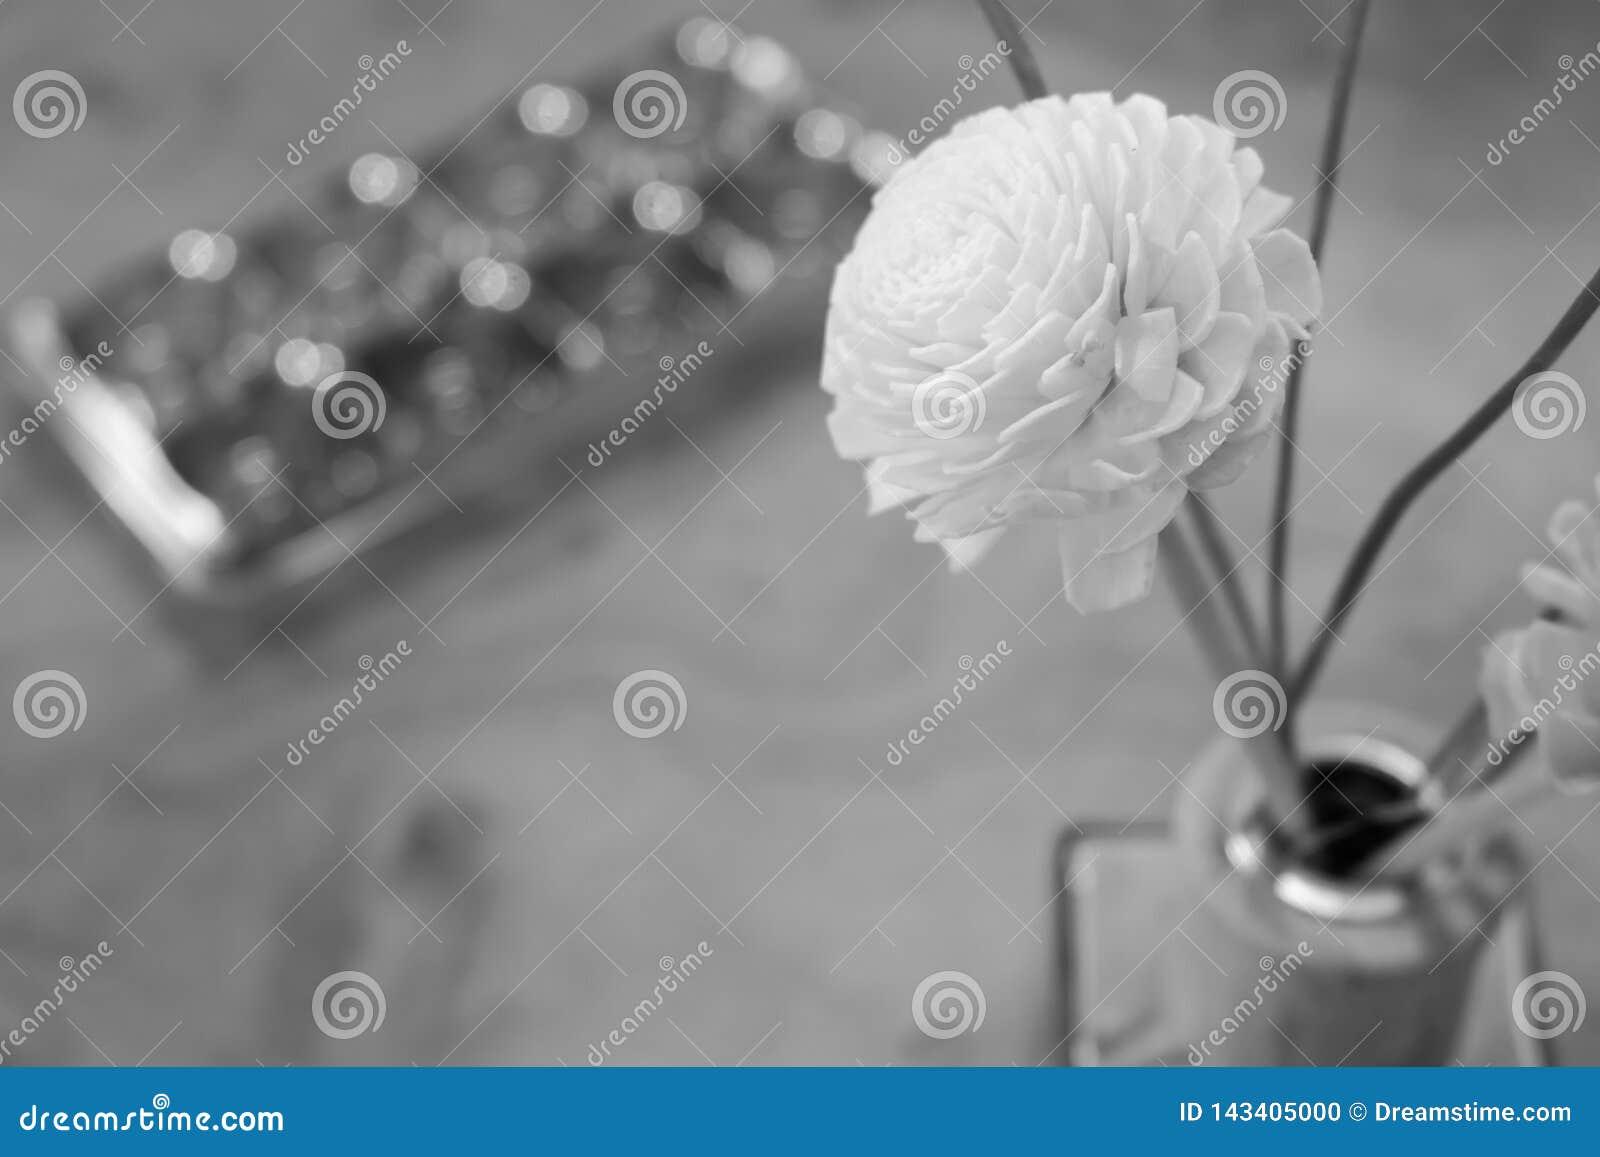 Fondo blanco y negro de la flor